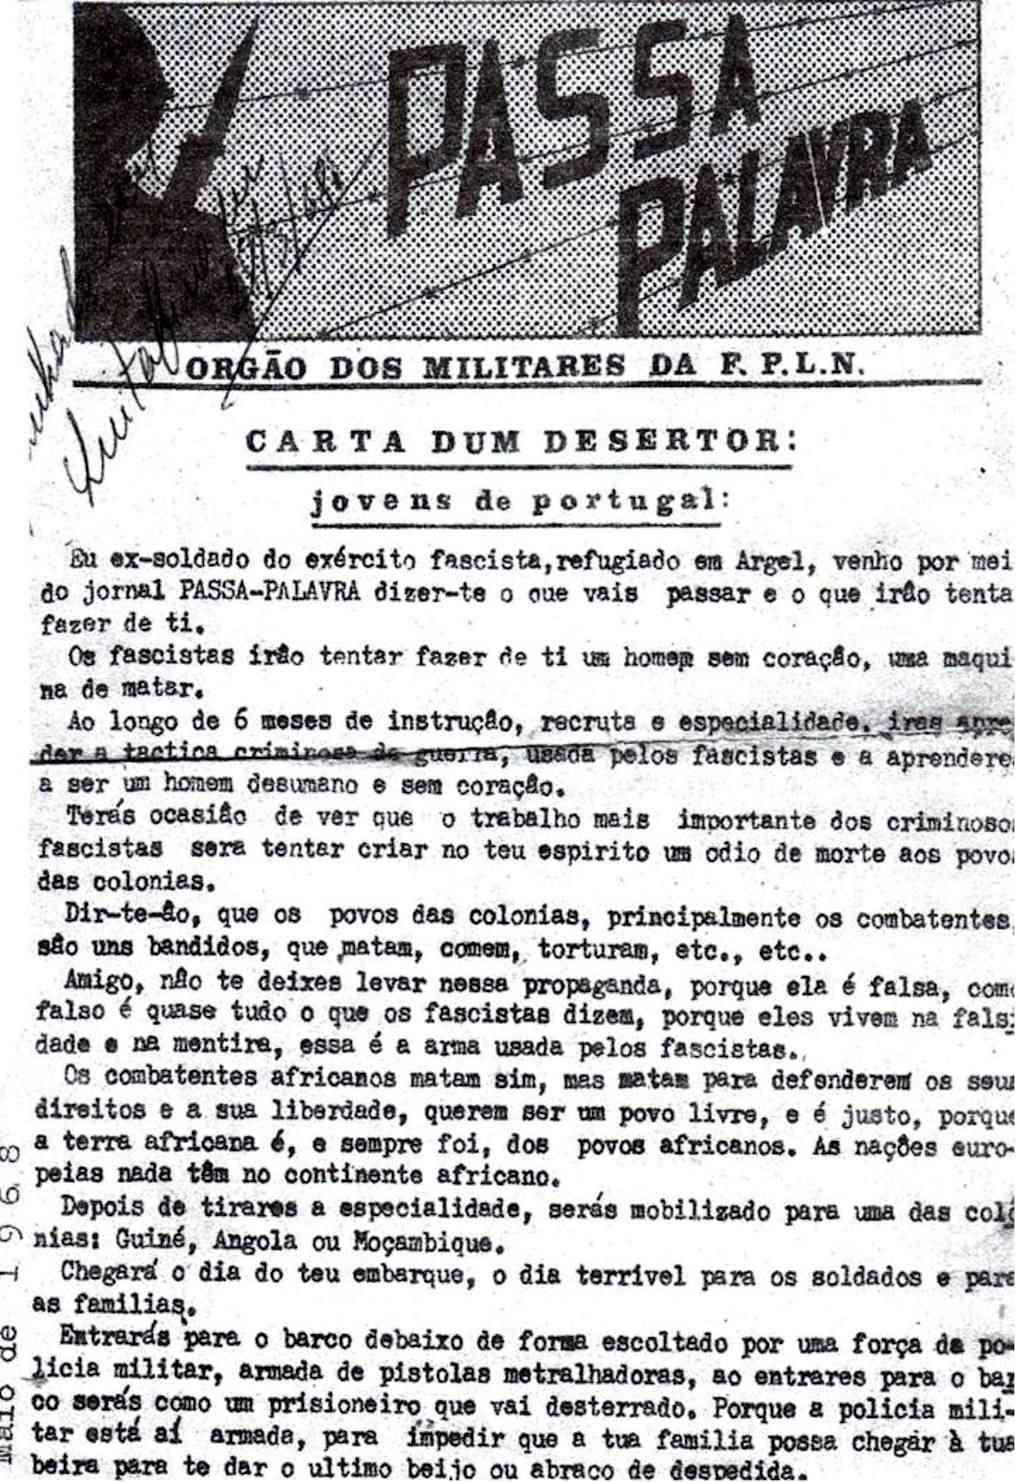 «PASSA PALAVRA» - órgão dos militares da FPLN - Imagens do veterano Fernando Pinto Fpln110